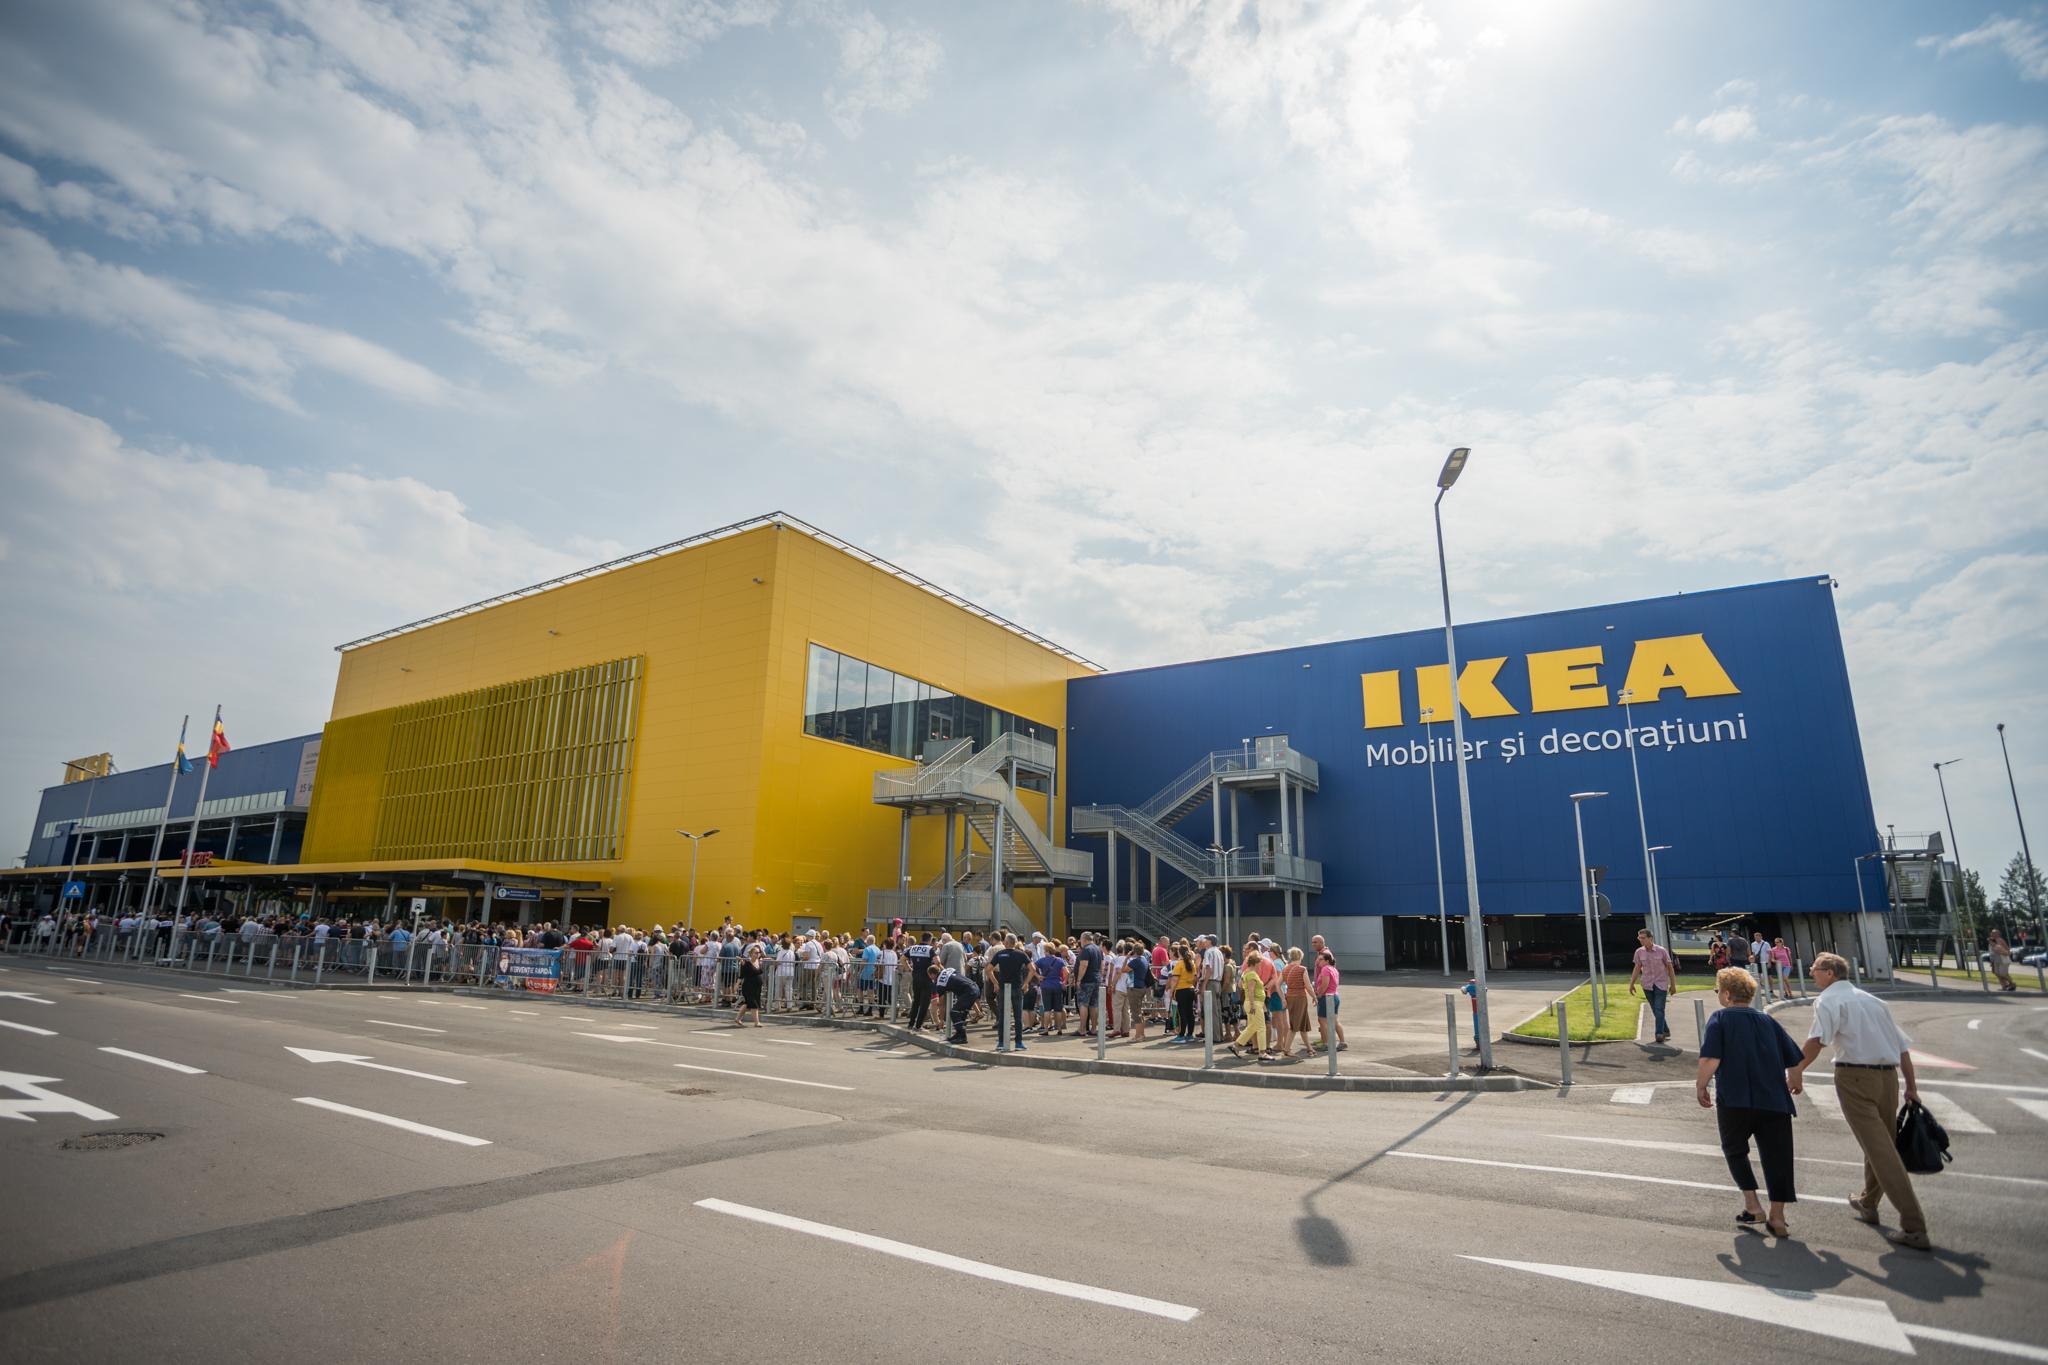 EXCLUSIV! Produsul pe care românii îl cumpără masiv de la IKEA. Nu are legătură cu mobila